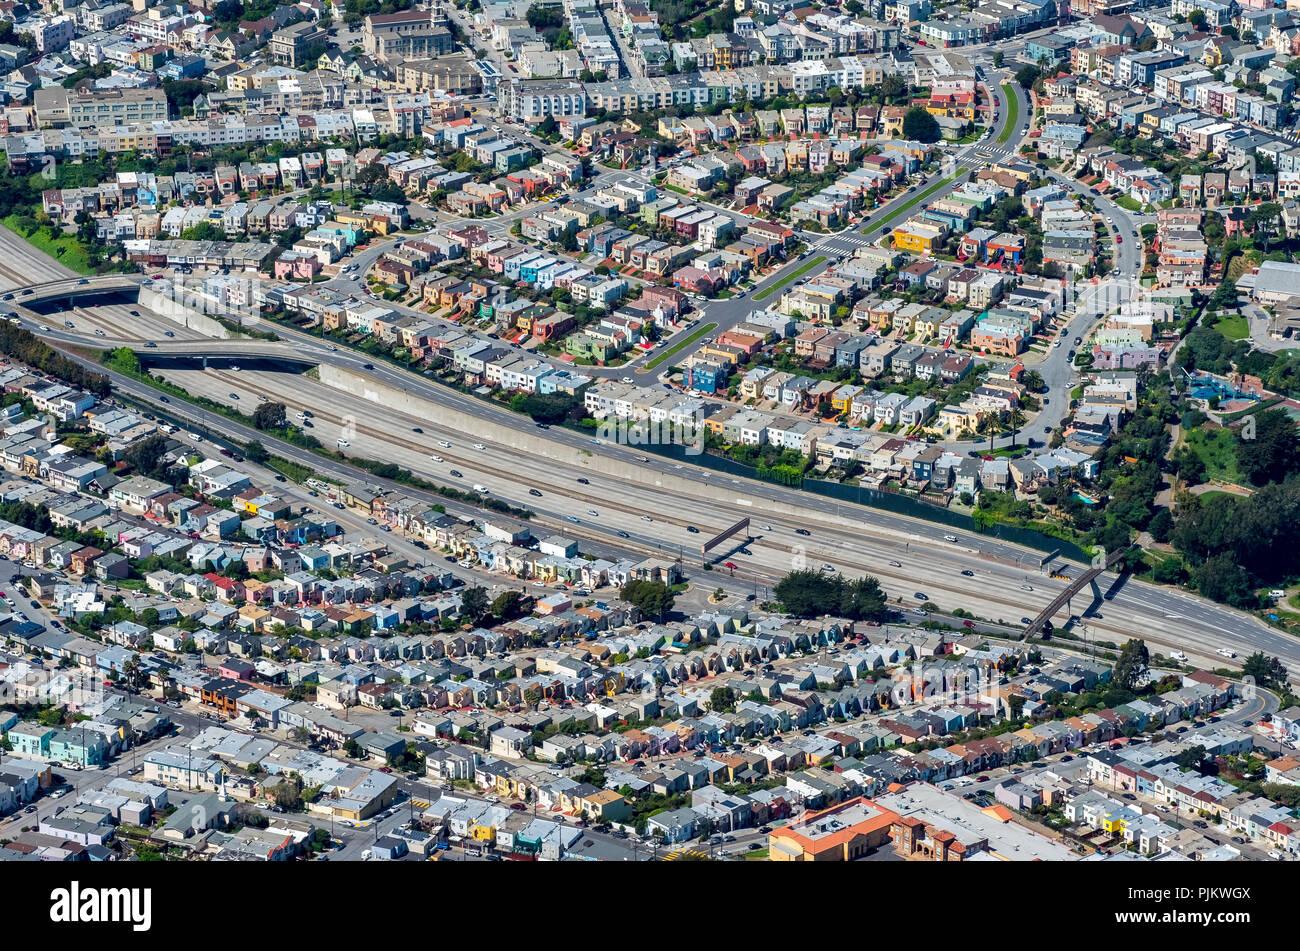 Tipica scatola americana station wagon presso l'autostrada, inquinamento acustico, quartiere rumoroso, South San Francisco Bay Area di San Francisco, Stati Uniti d'America, California, Stati Uniti d'America Immagini Stock